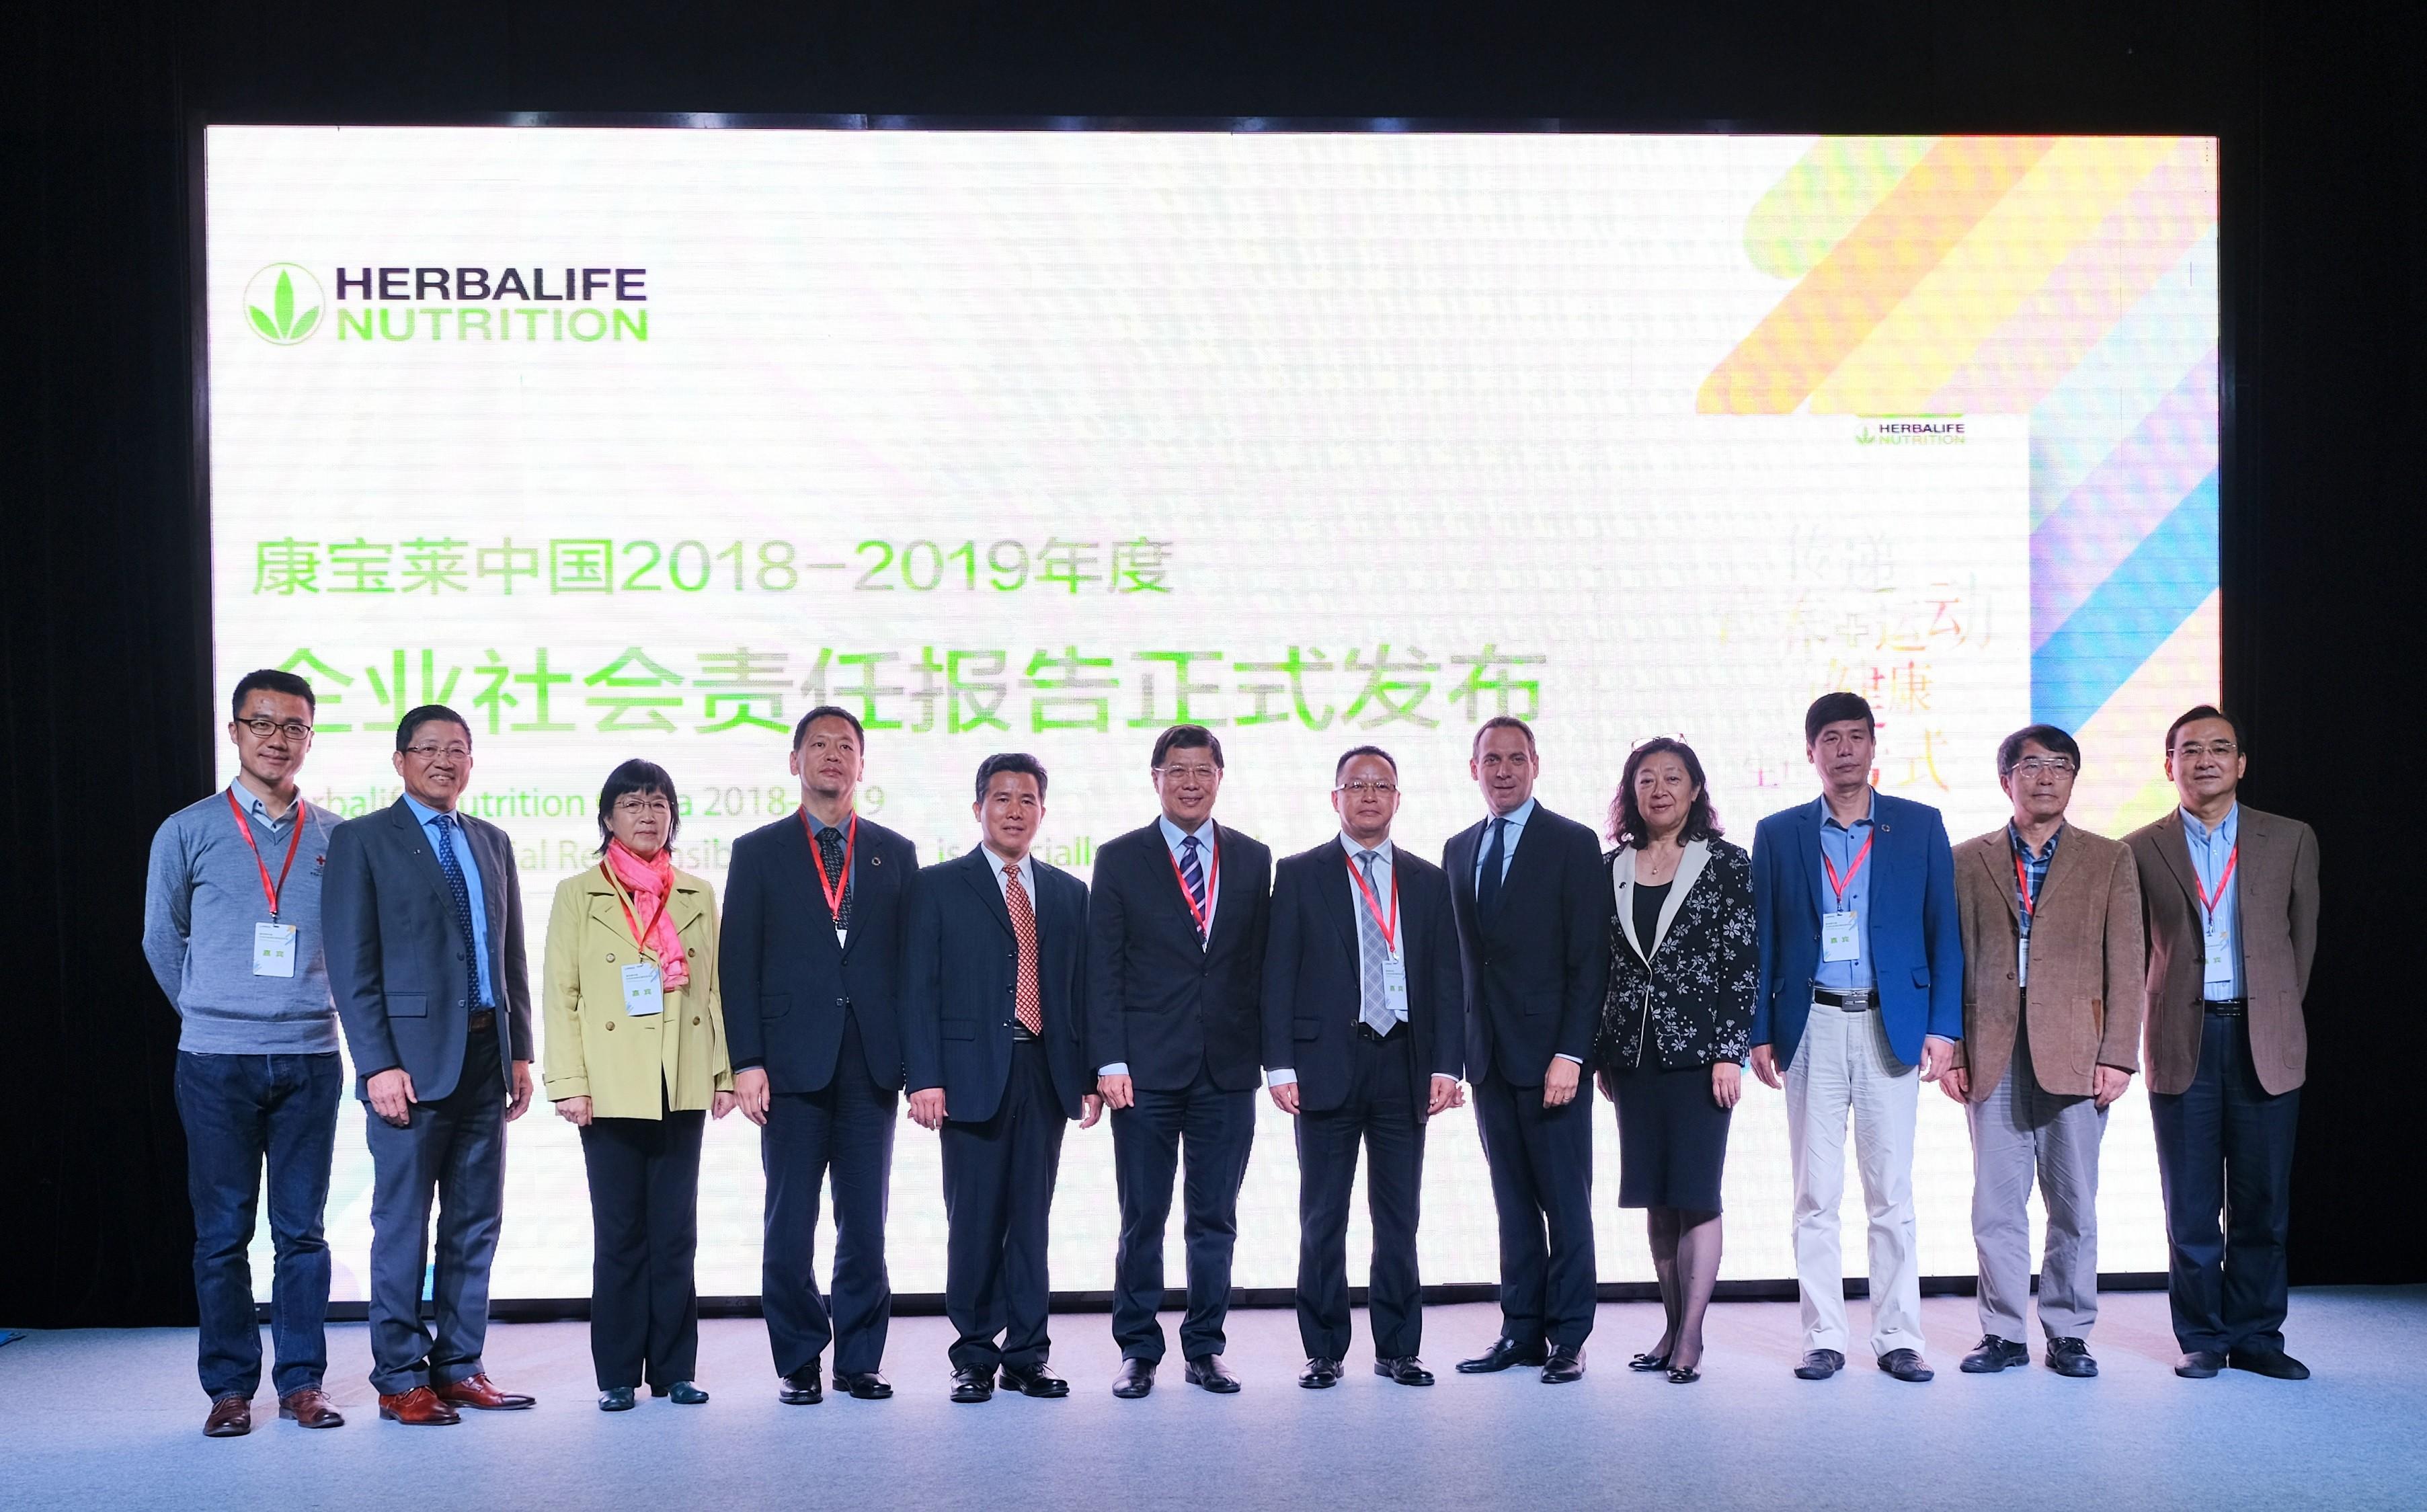 康宝莱中国在京发布2018-2019年度企业社会责任报告